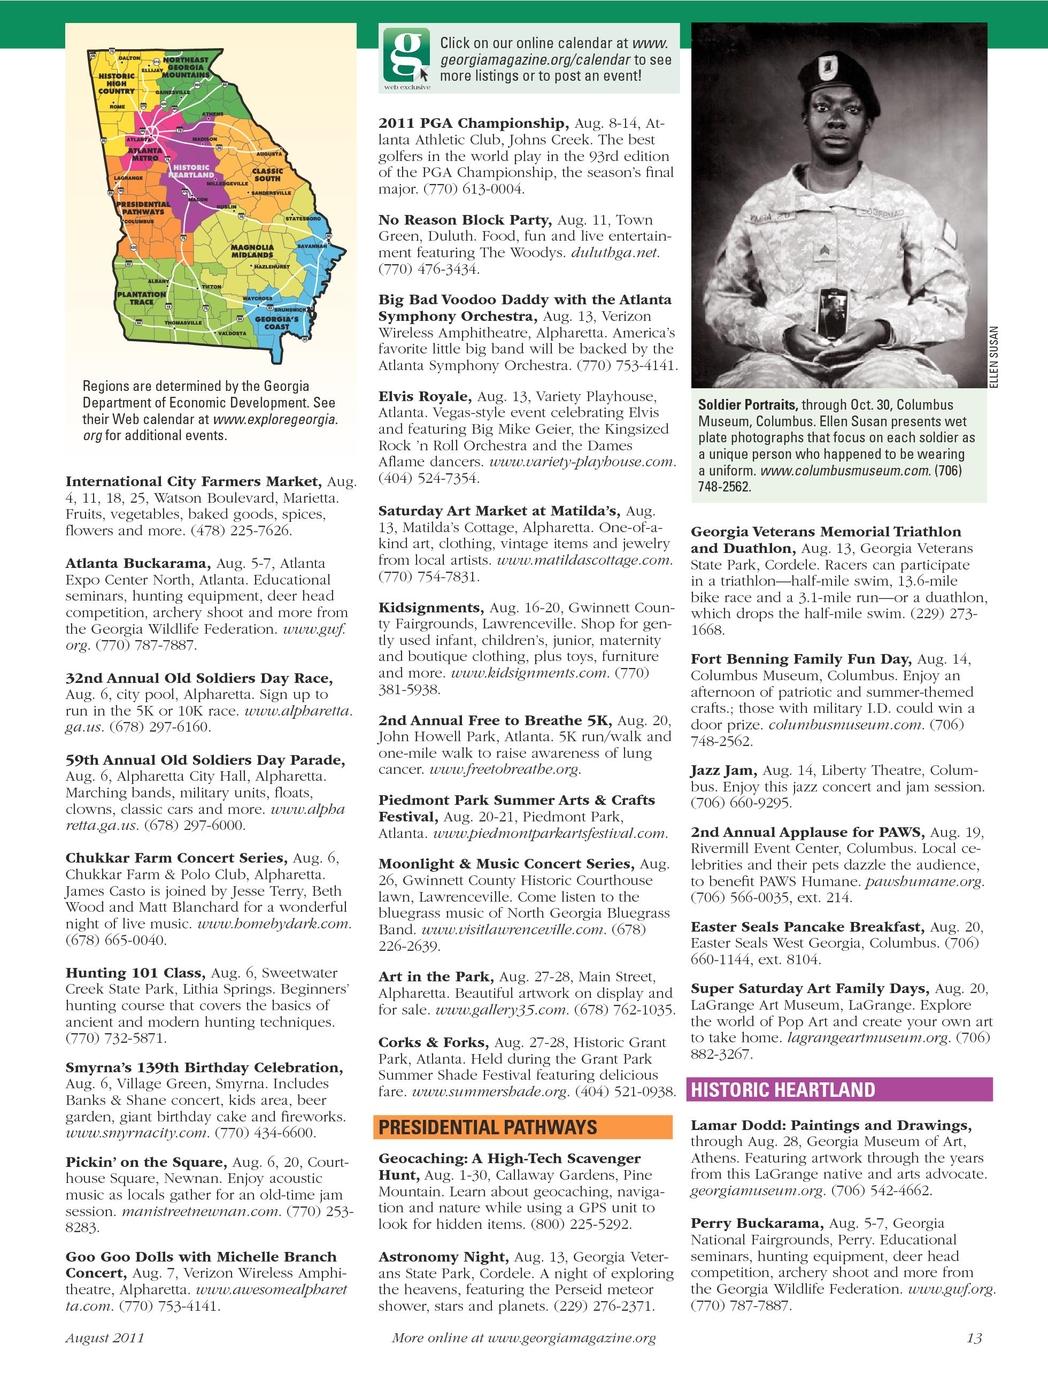 Georgia Magazine - August 2011